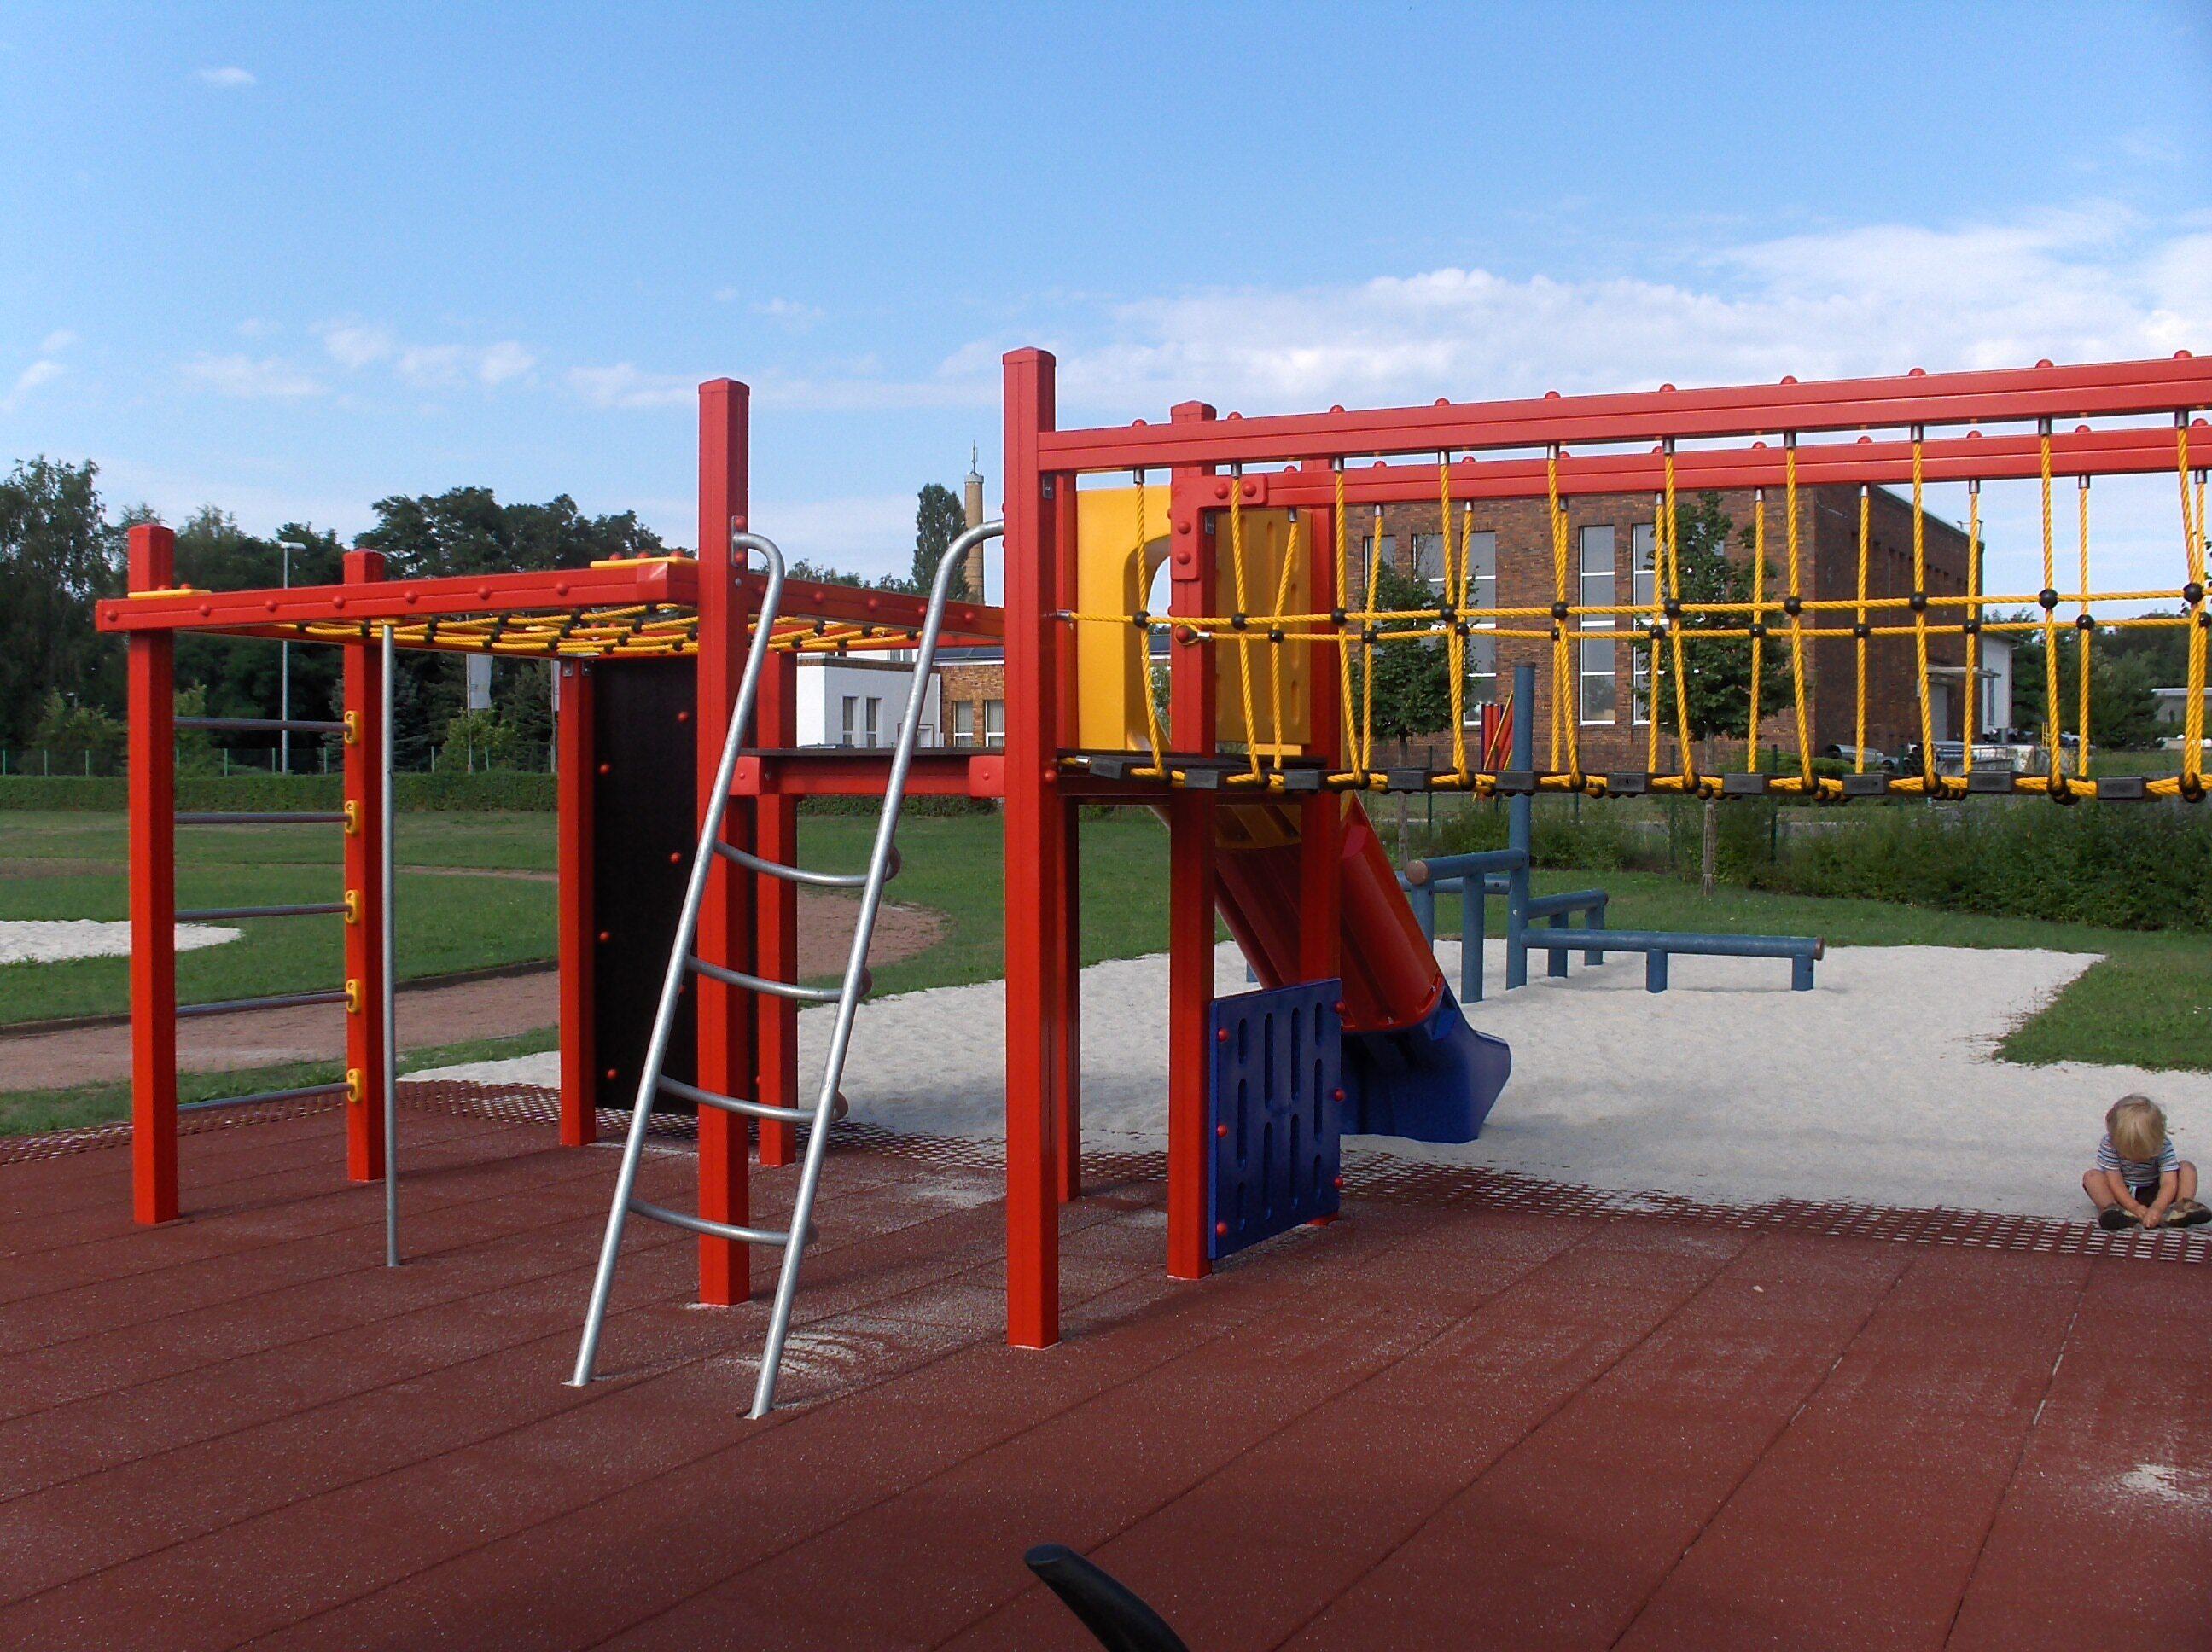 Spielplatz Tröbitz Klettergerüst